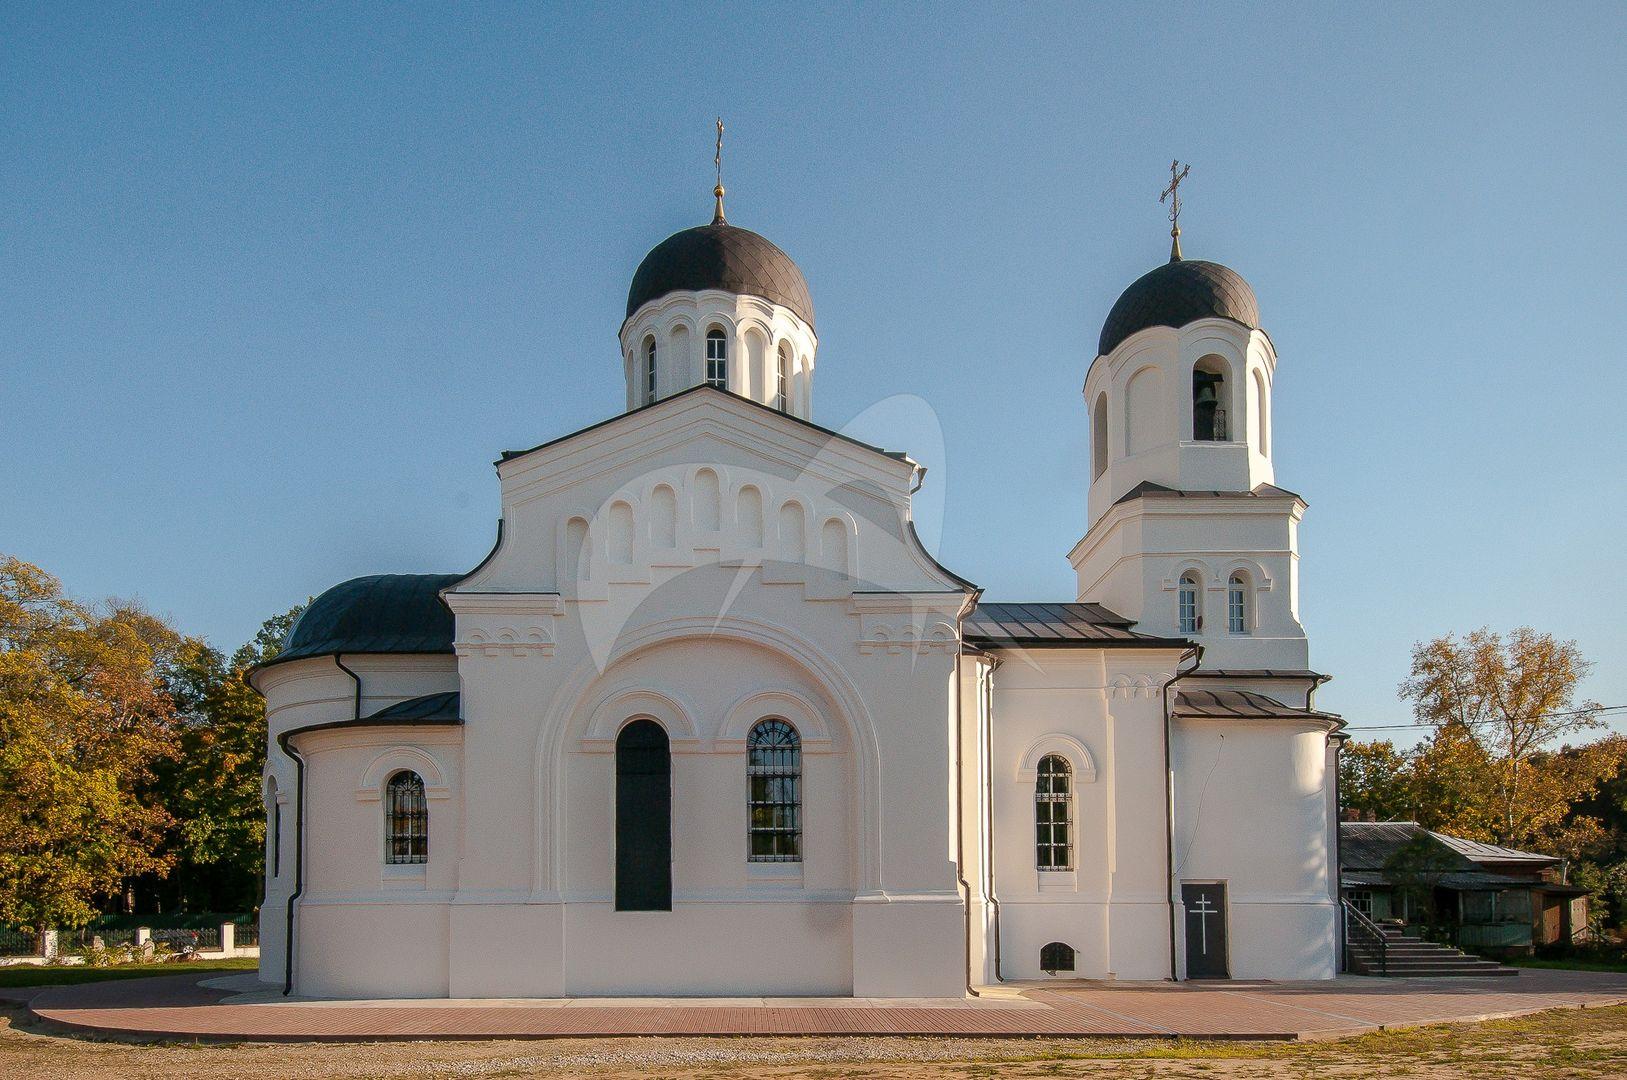 Церковь Казанской иконы Божией Матери, 1902-1905 гг., усадьба «Ламишино»